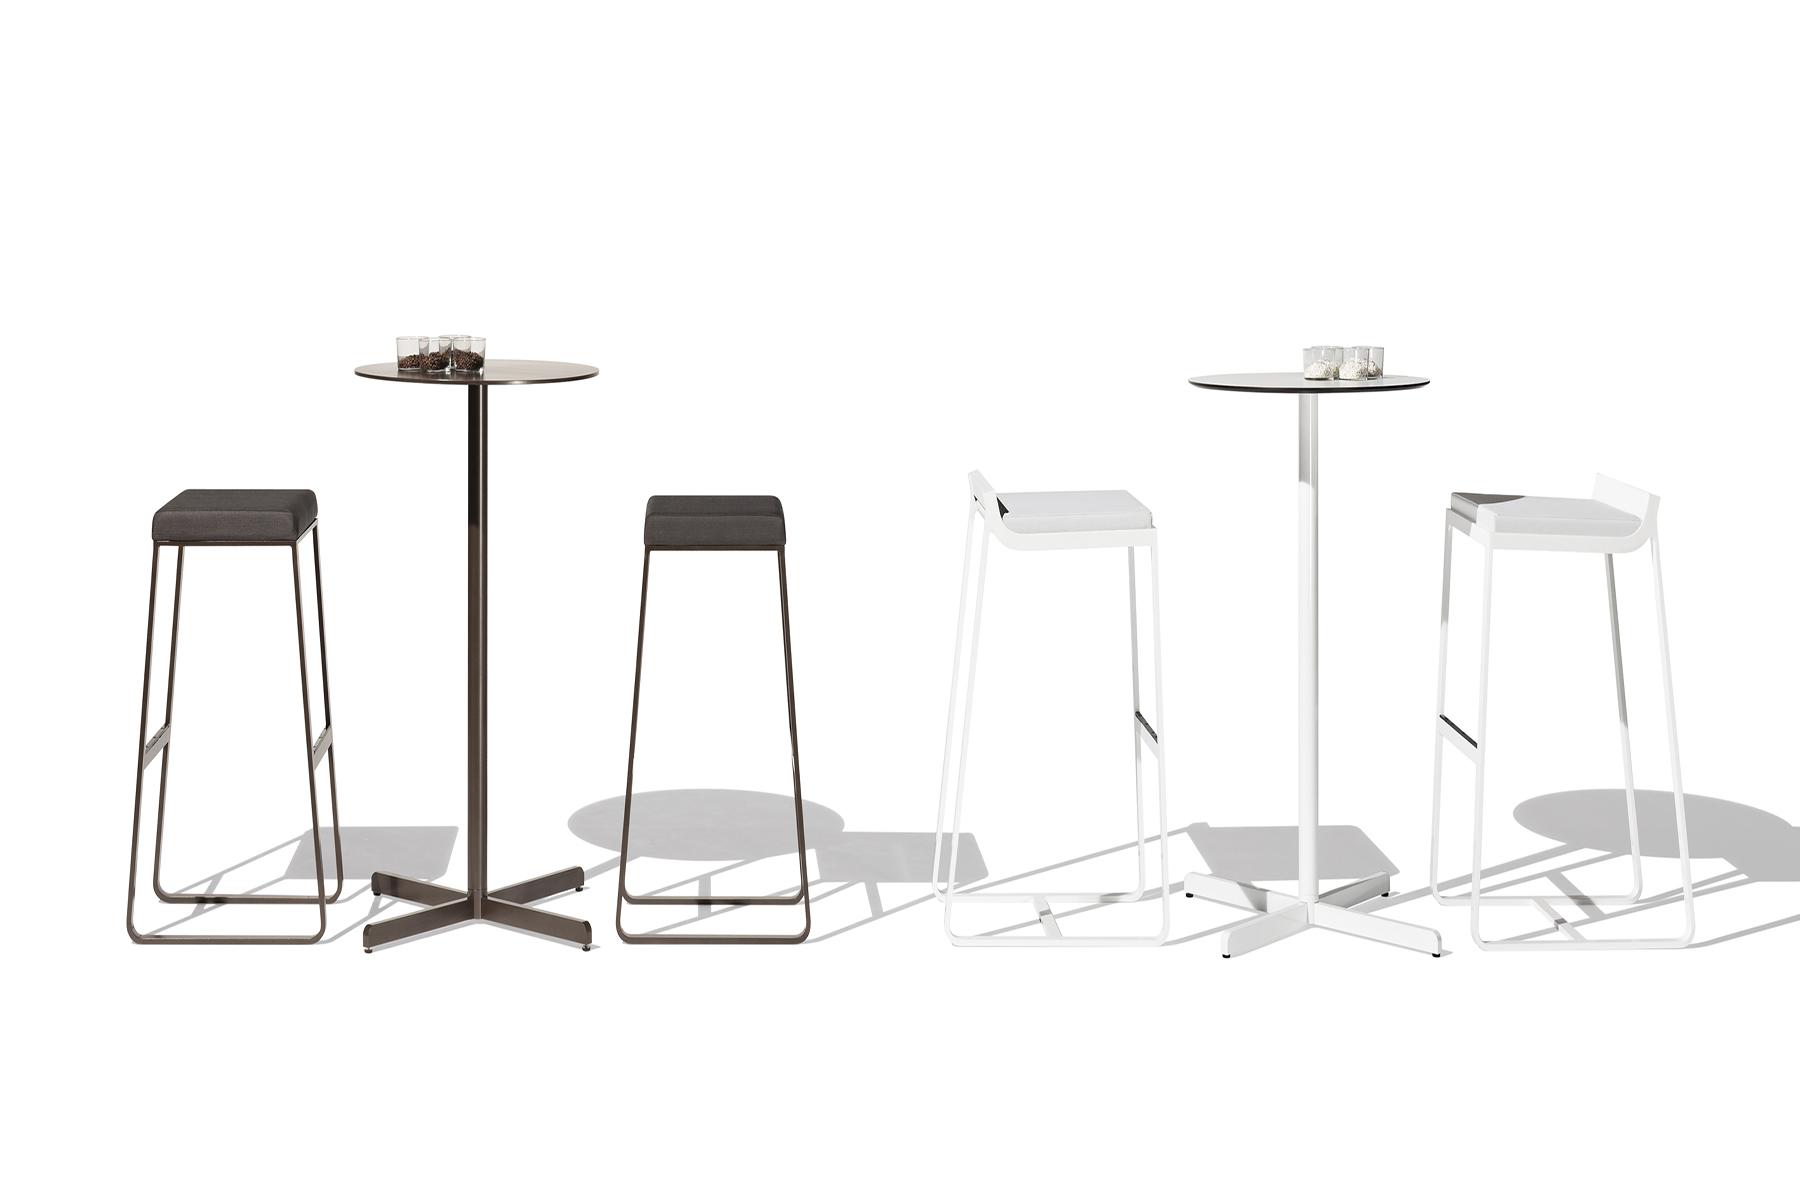 Sit taburetes altos/mesas